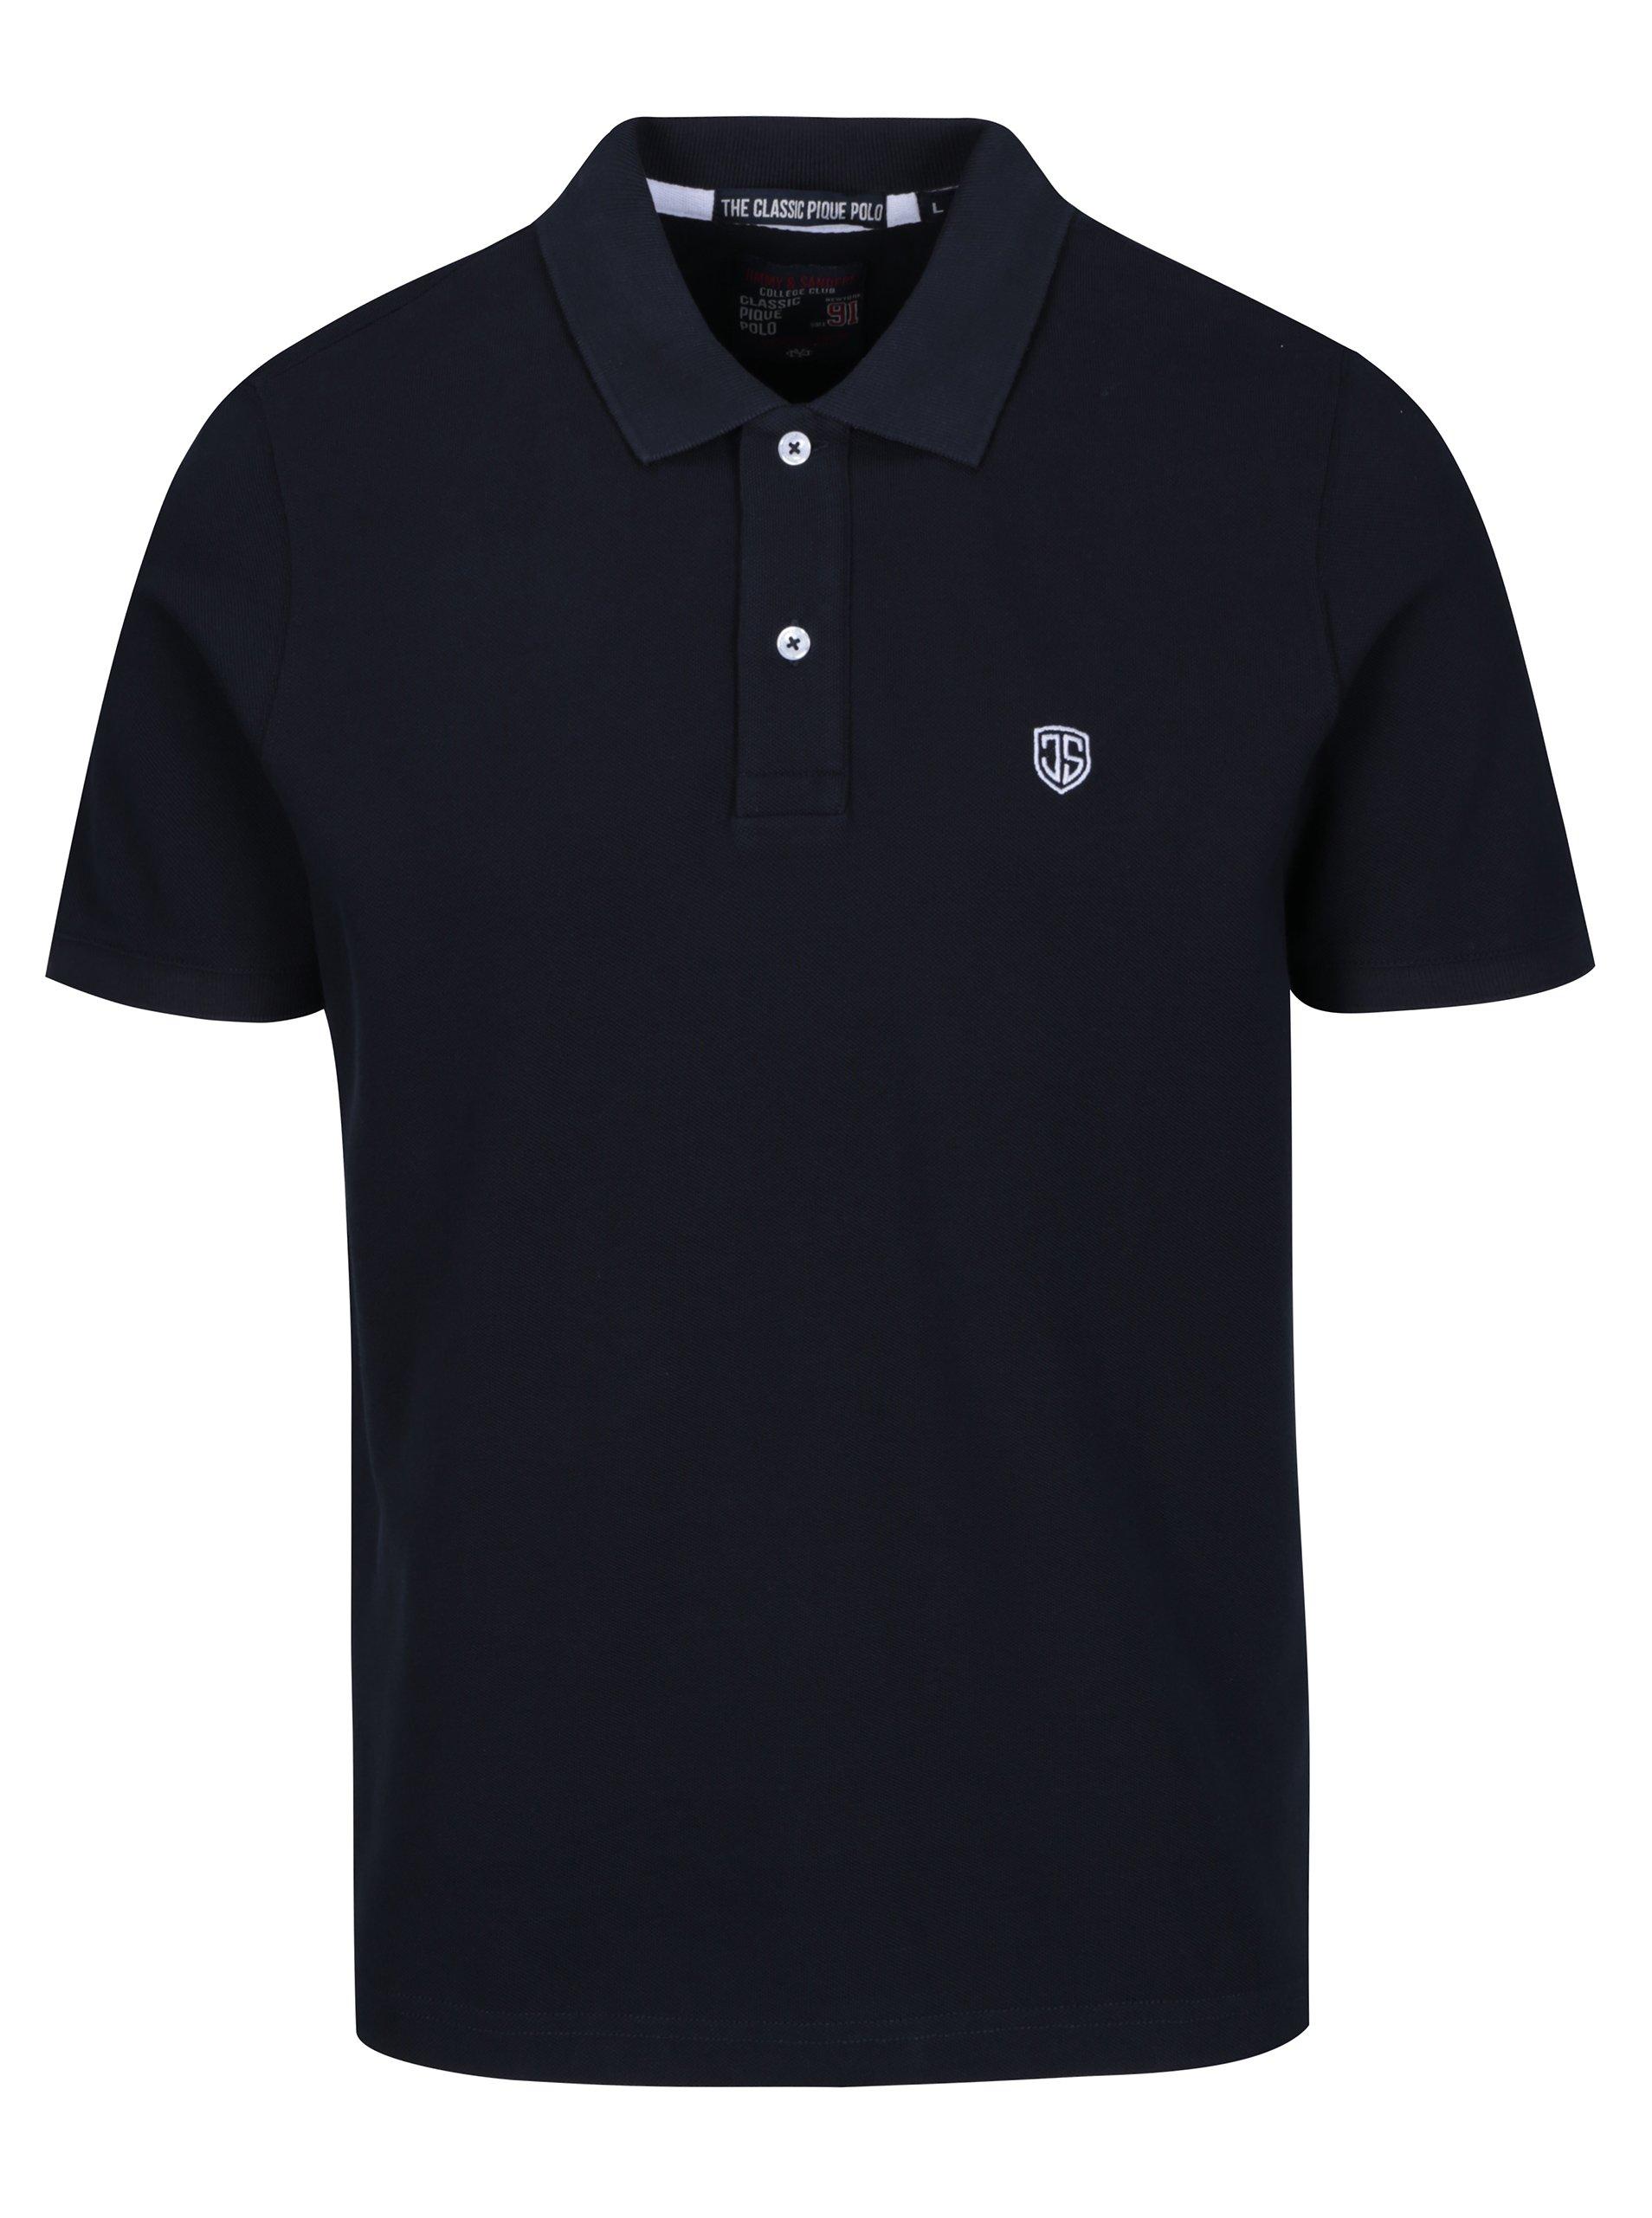 Tmavě modré pánské polo triko Jimmy Sanders